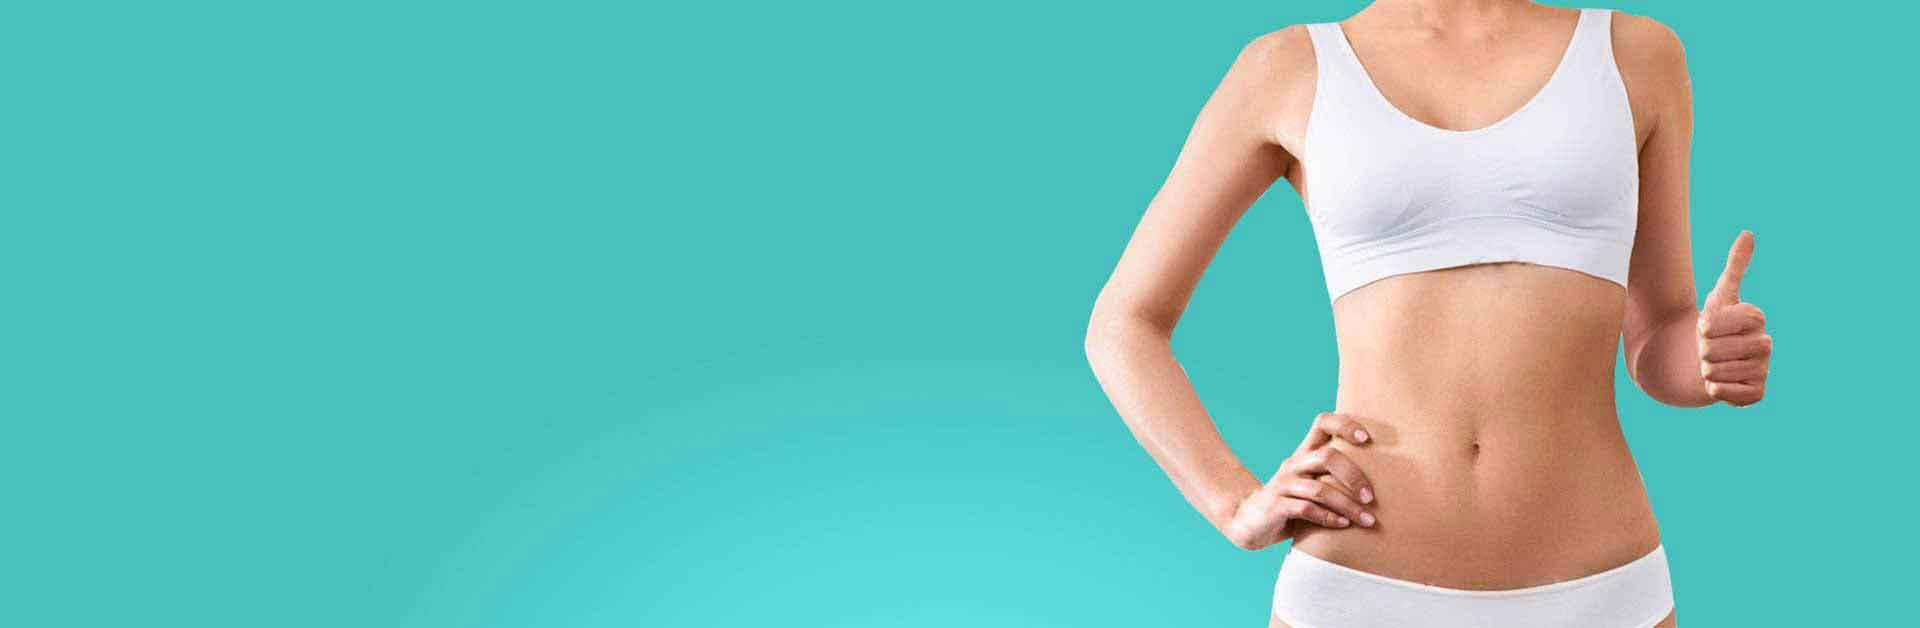 Vaser Liposuction Nedir, Hangi Bölgelere Uygulanır?